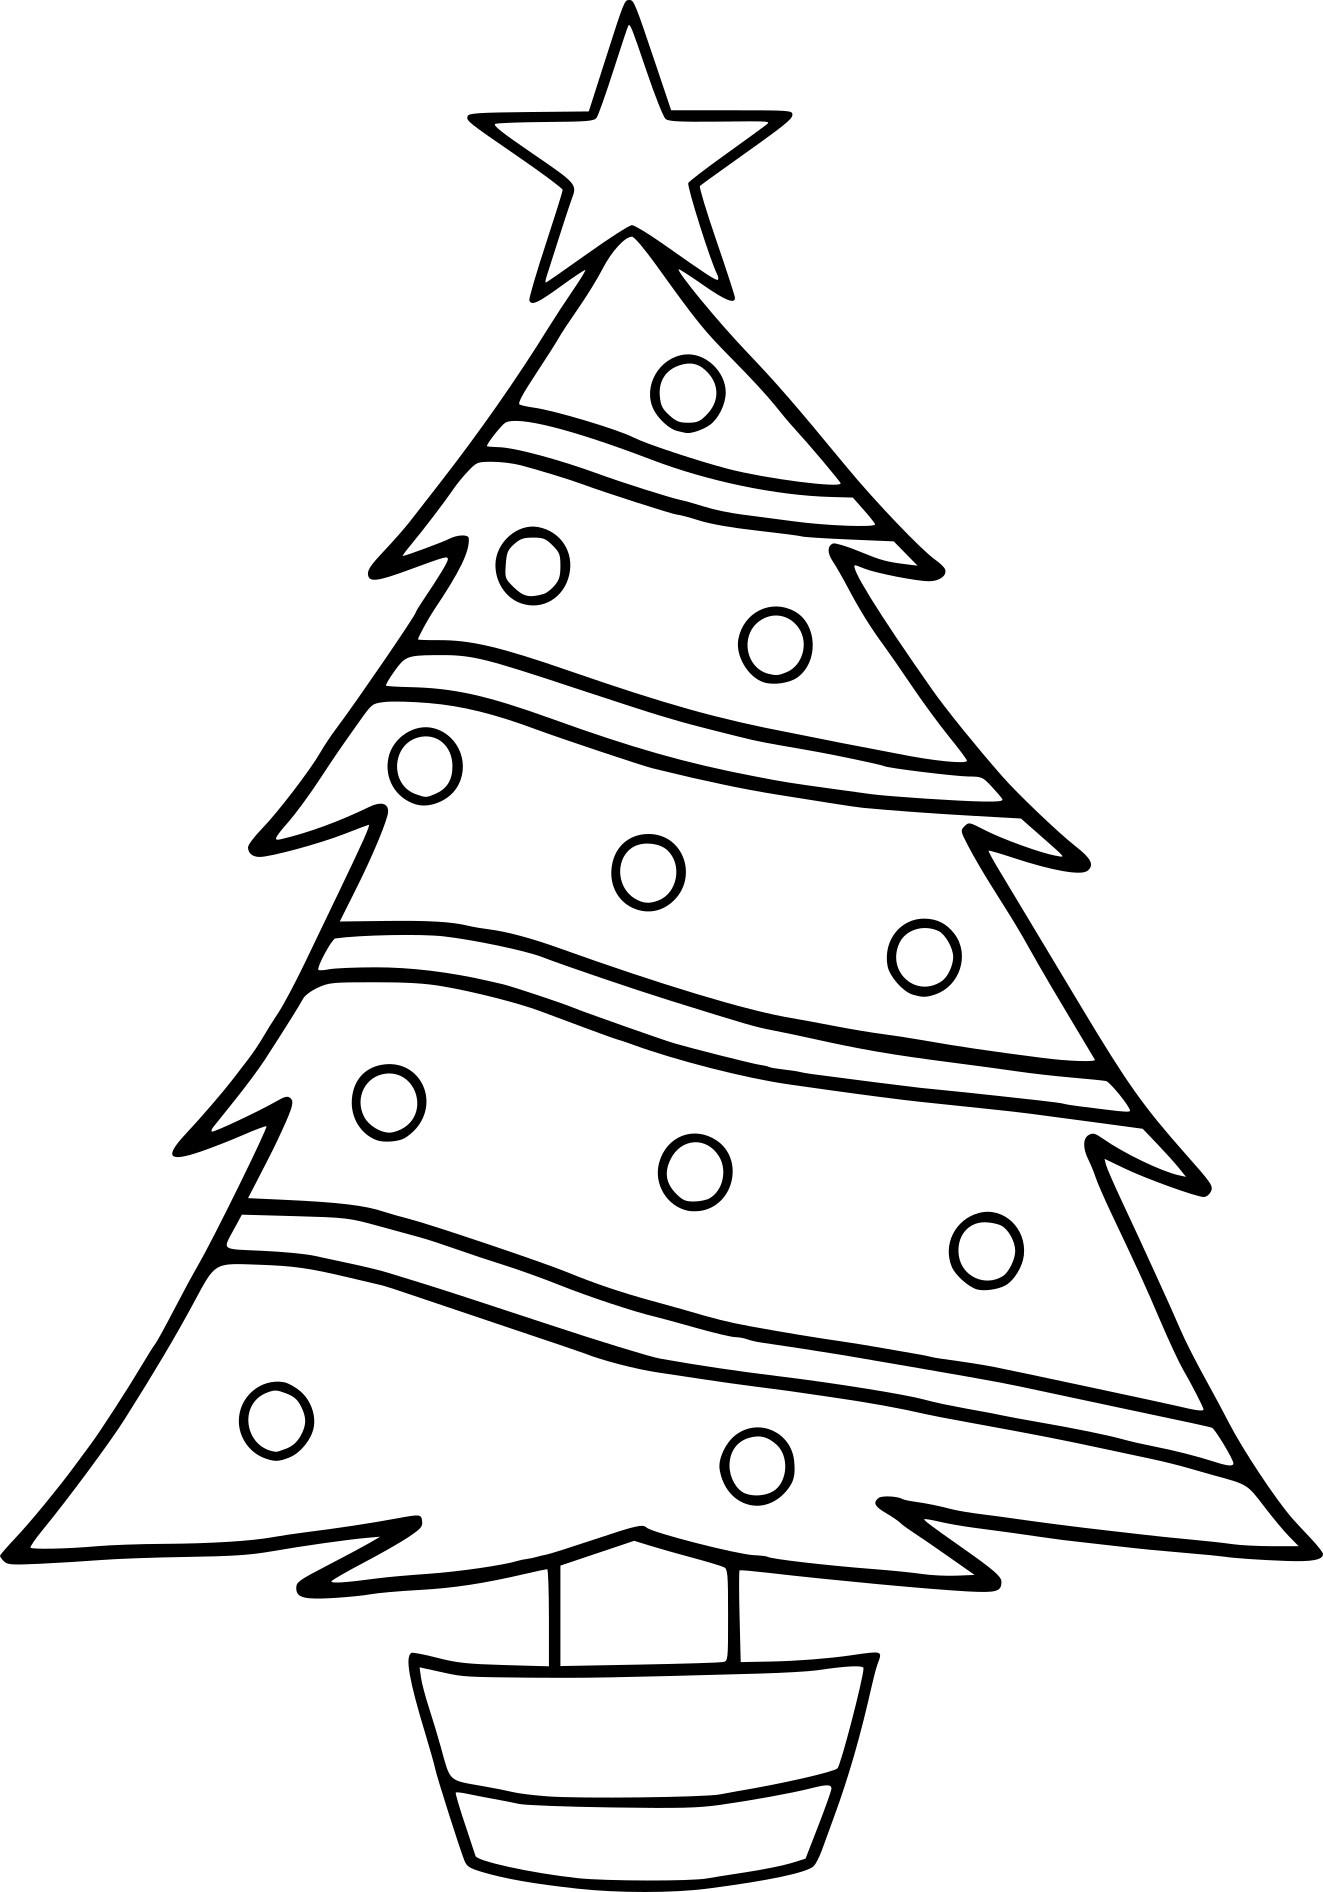 Coloriage Sapin De Noël Facile à Imprimer Gratuit